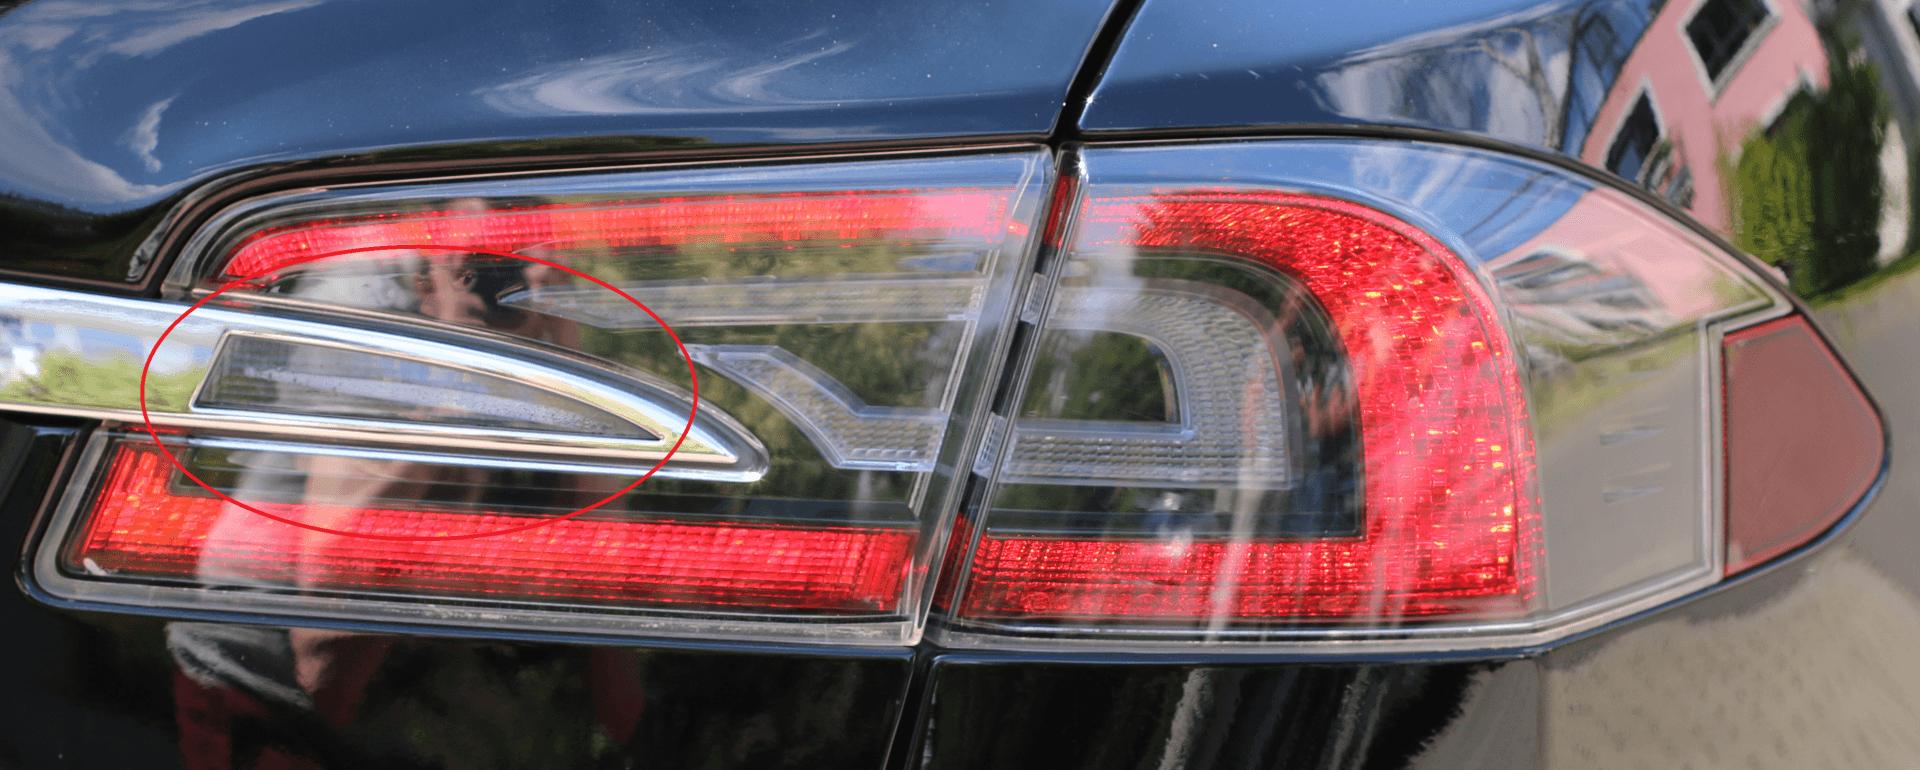 Foto 1: Die alte Heckklappen-Chromleiste von Tesla. Klar erkennbar, dass die Formgebung der Aussparung der Chromleisten-Form folgt. Im Bild zu sehen: Leichte Bildung von Kondenswasser. | © greenspeed.de